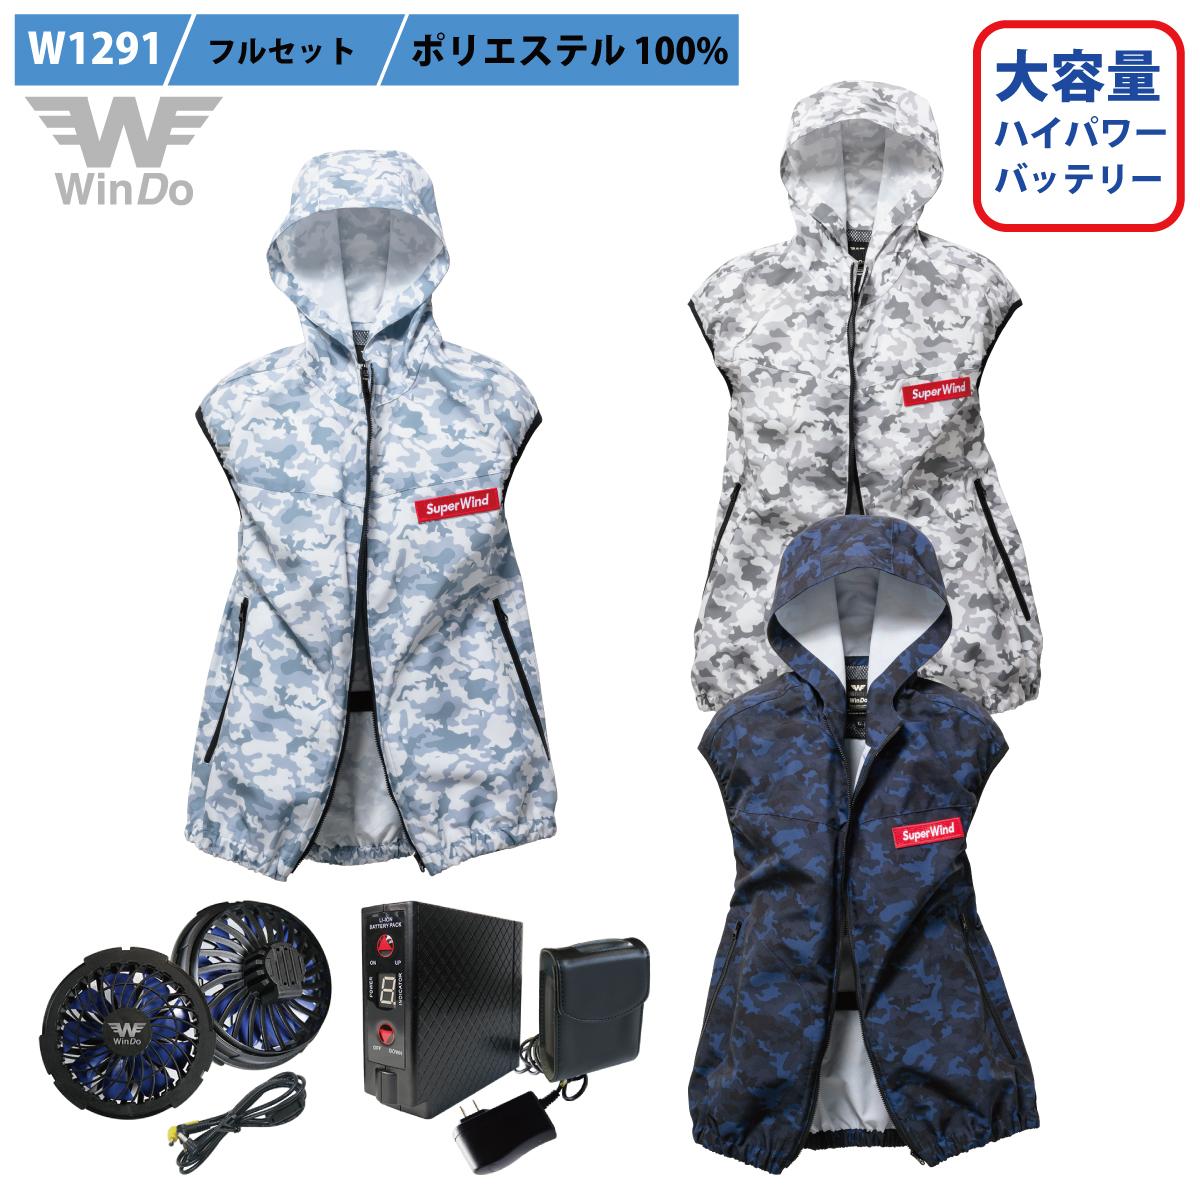 WinDo 空冷服フルセット(ファン+ハイパワー大容量バッテリー) 空冷服 フルセット(ハイパワー大容量バッテリー) ポリエステル100% カモフラ柄フード付きベスト